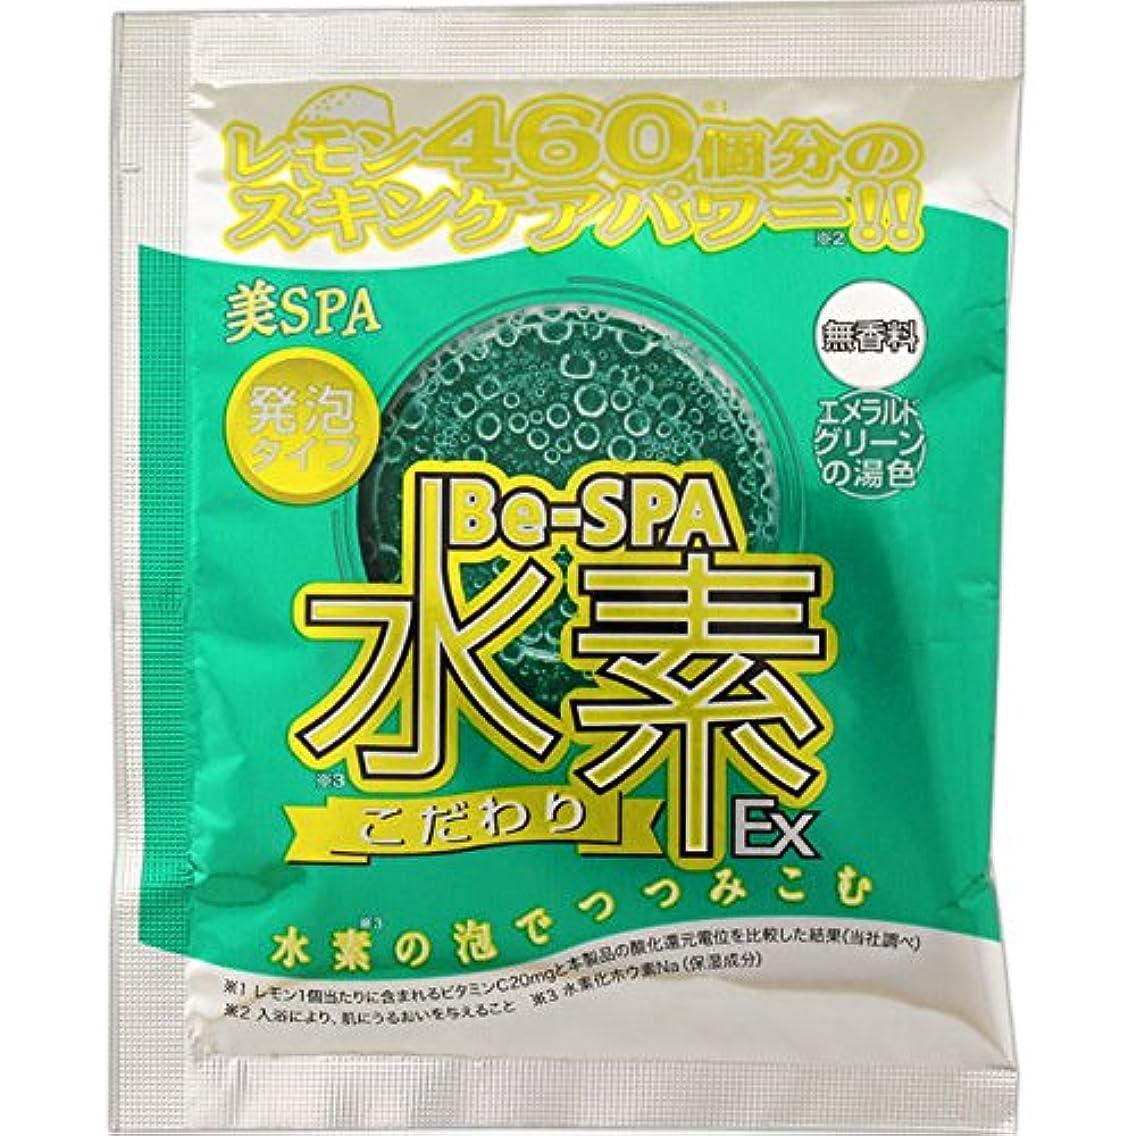 独裁超高層ビルファイル日本生化学 美SPA水素EX エメラルドグリーンの湯色 25g